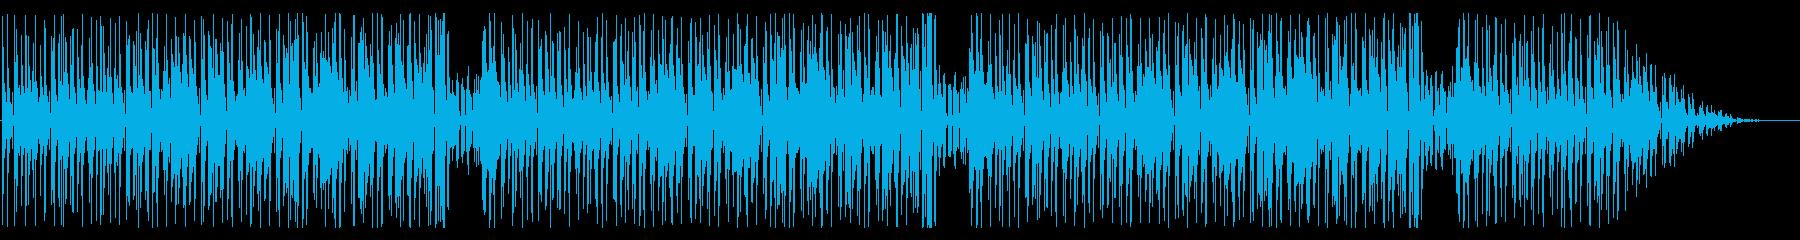 bgm38の再生済みの波形